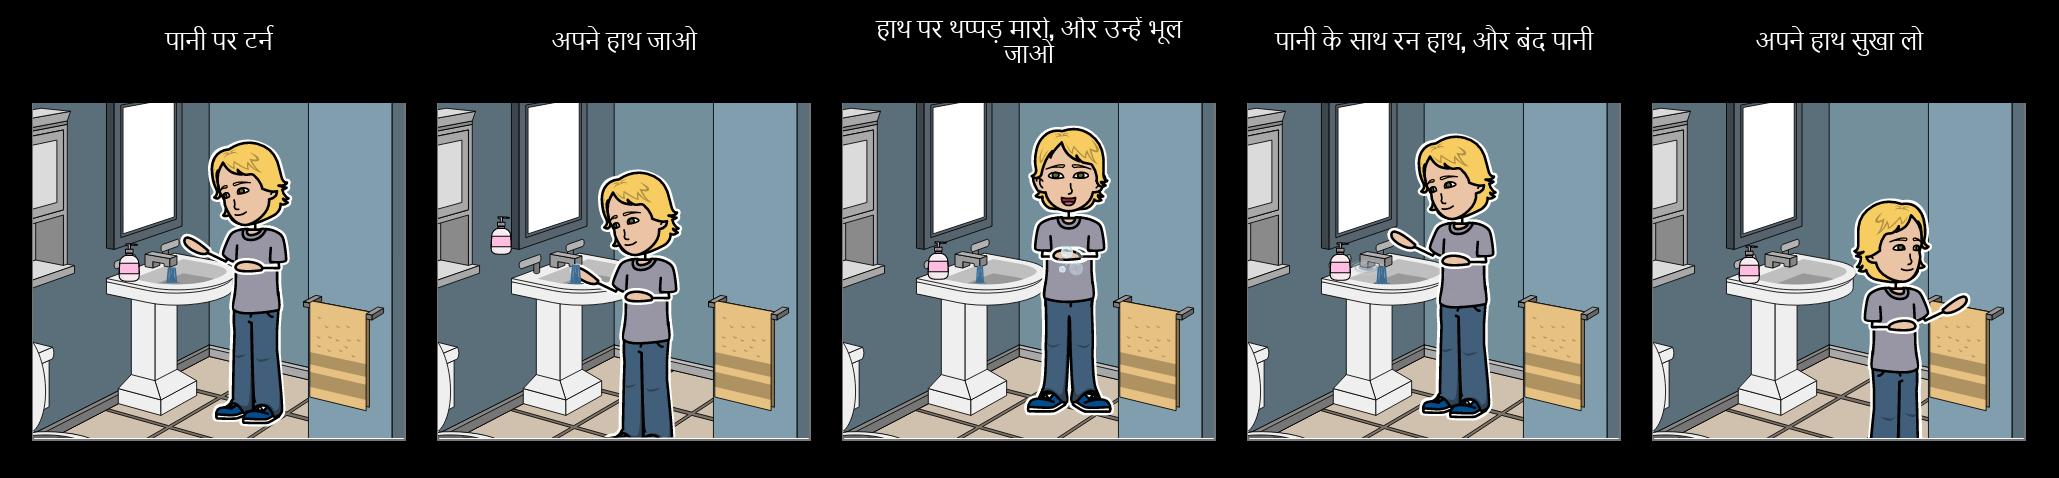 सामाजिक कहानी - हाथ धोना